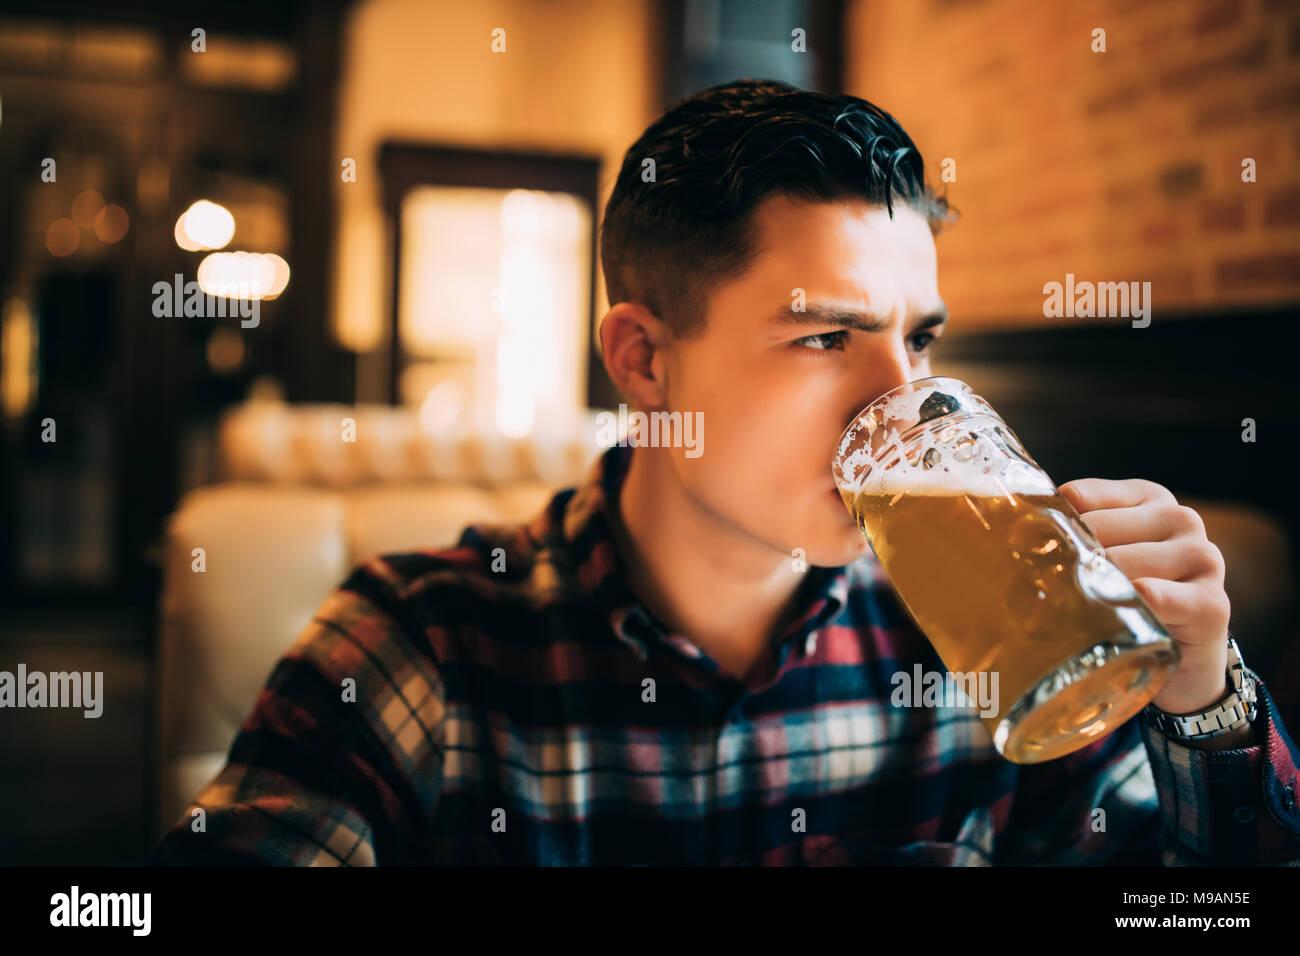 Hombre bebiendo cerveza. Joven bebiendo cerveza mientras está sentado en el mostrador de bar Imagen De Stock